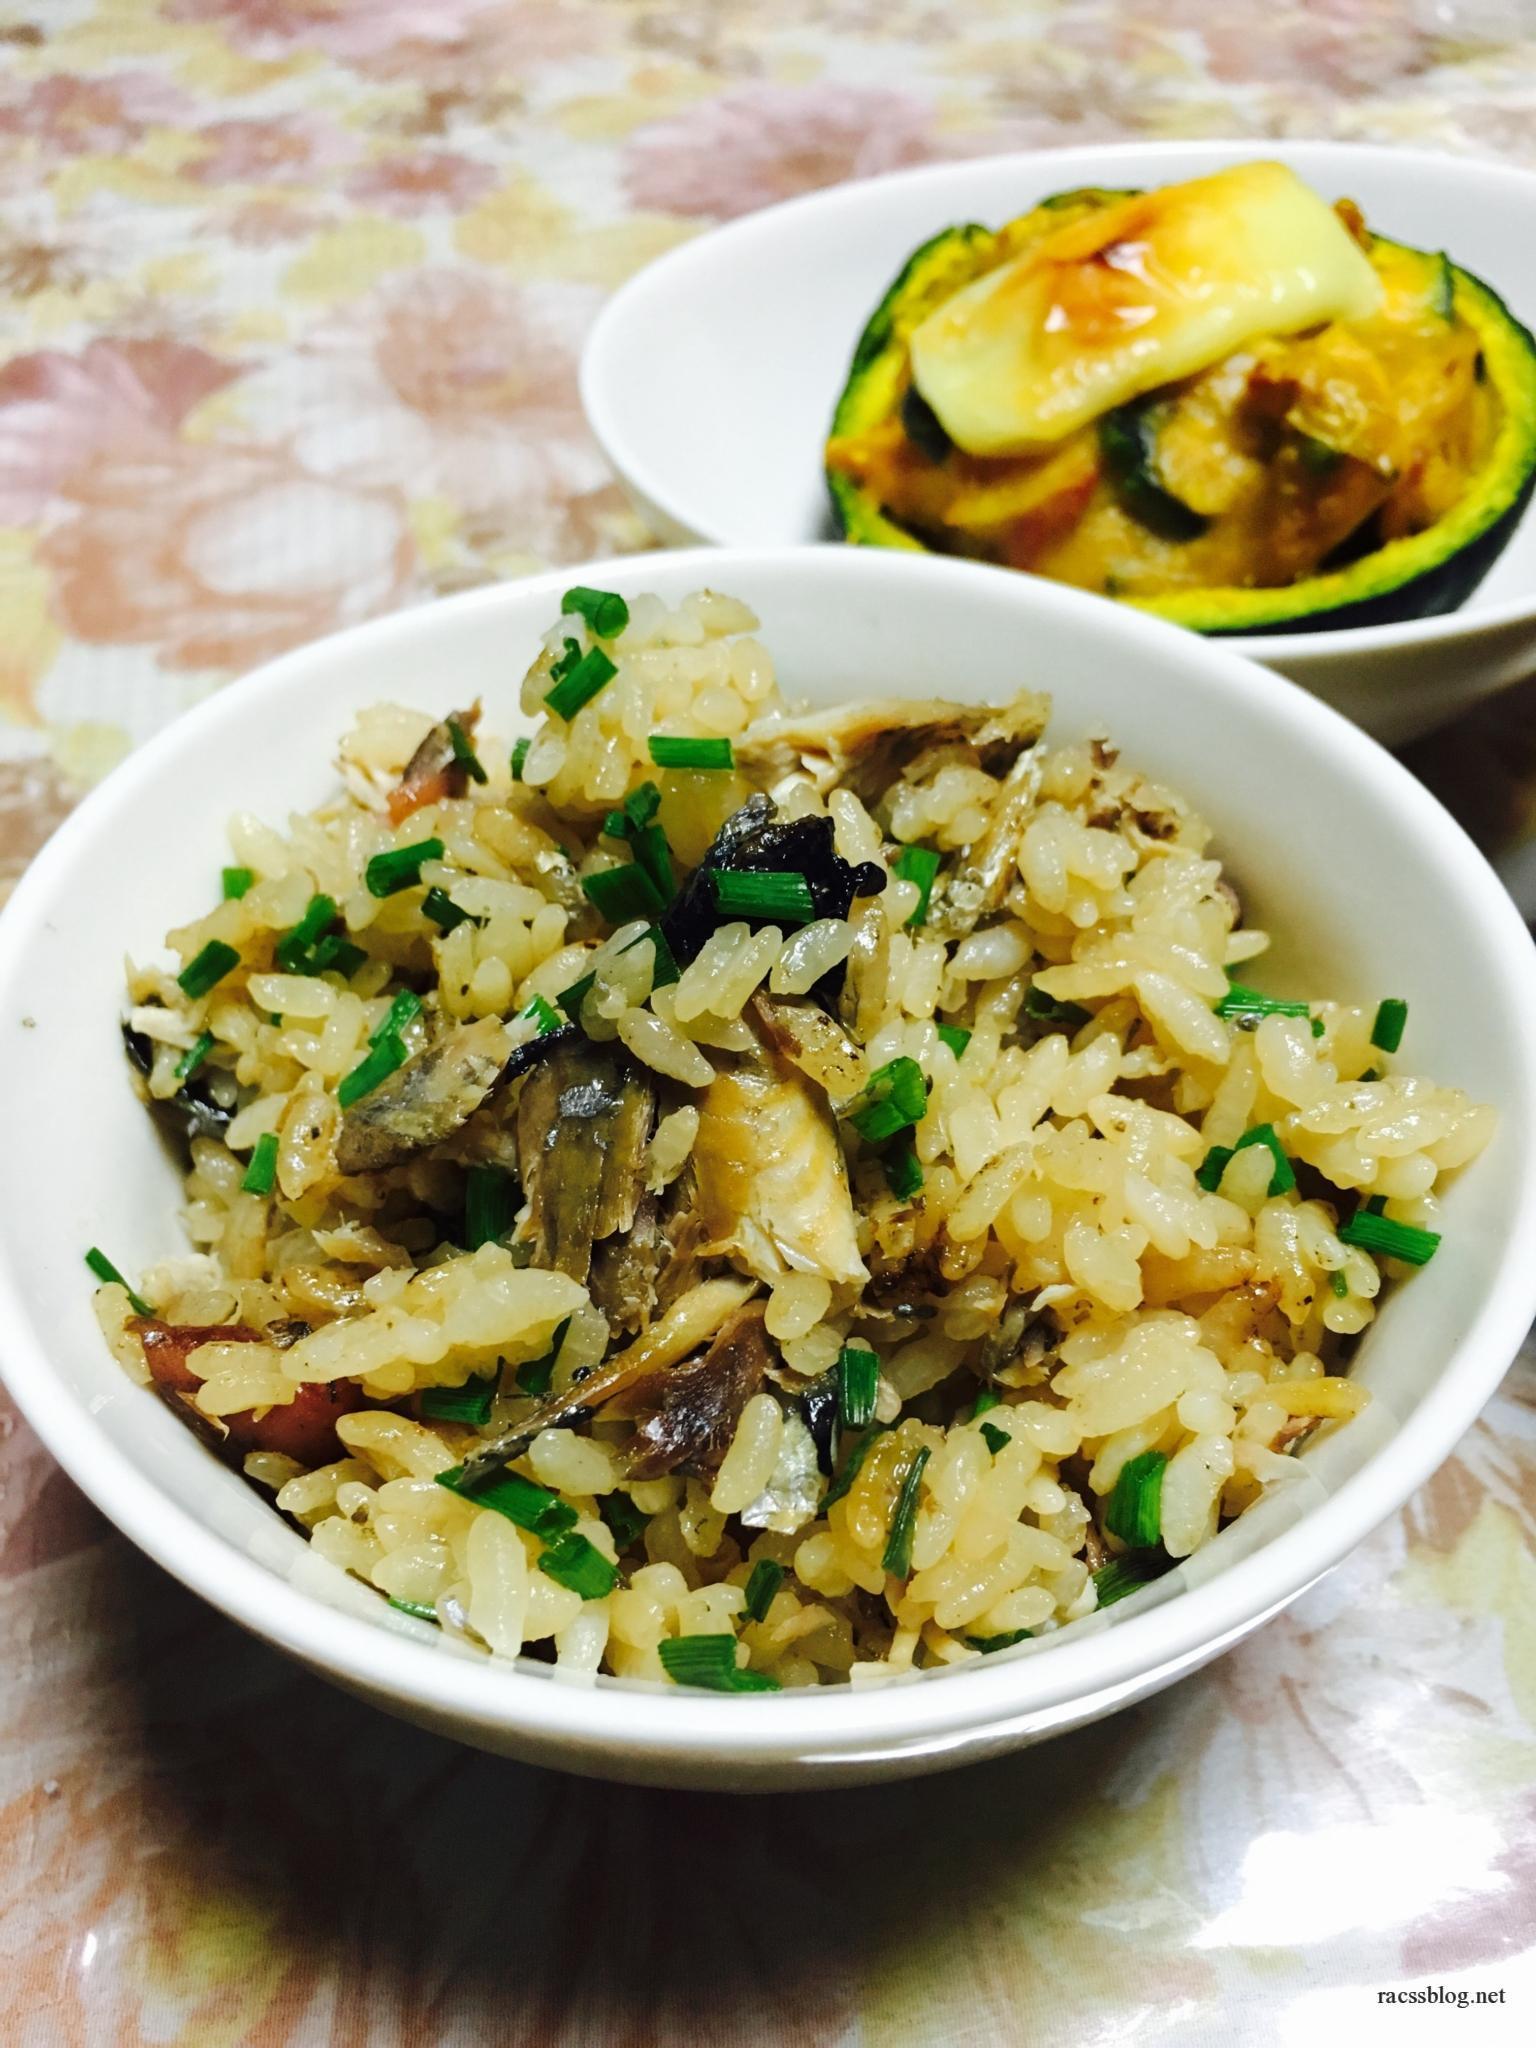 季節の炊き込みご飯を土鍋で!炊き方&メリットとは?「はじめちょろちょろ」の歌詞のとおりでした